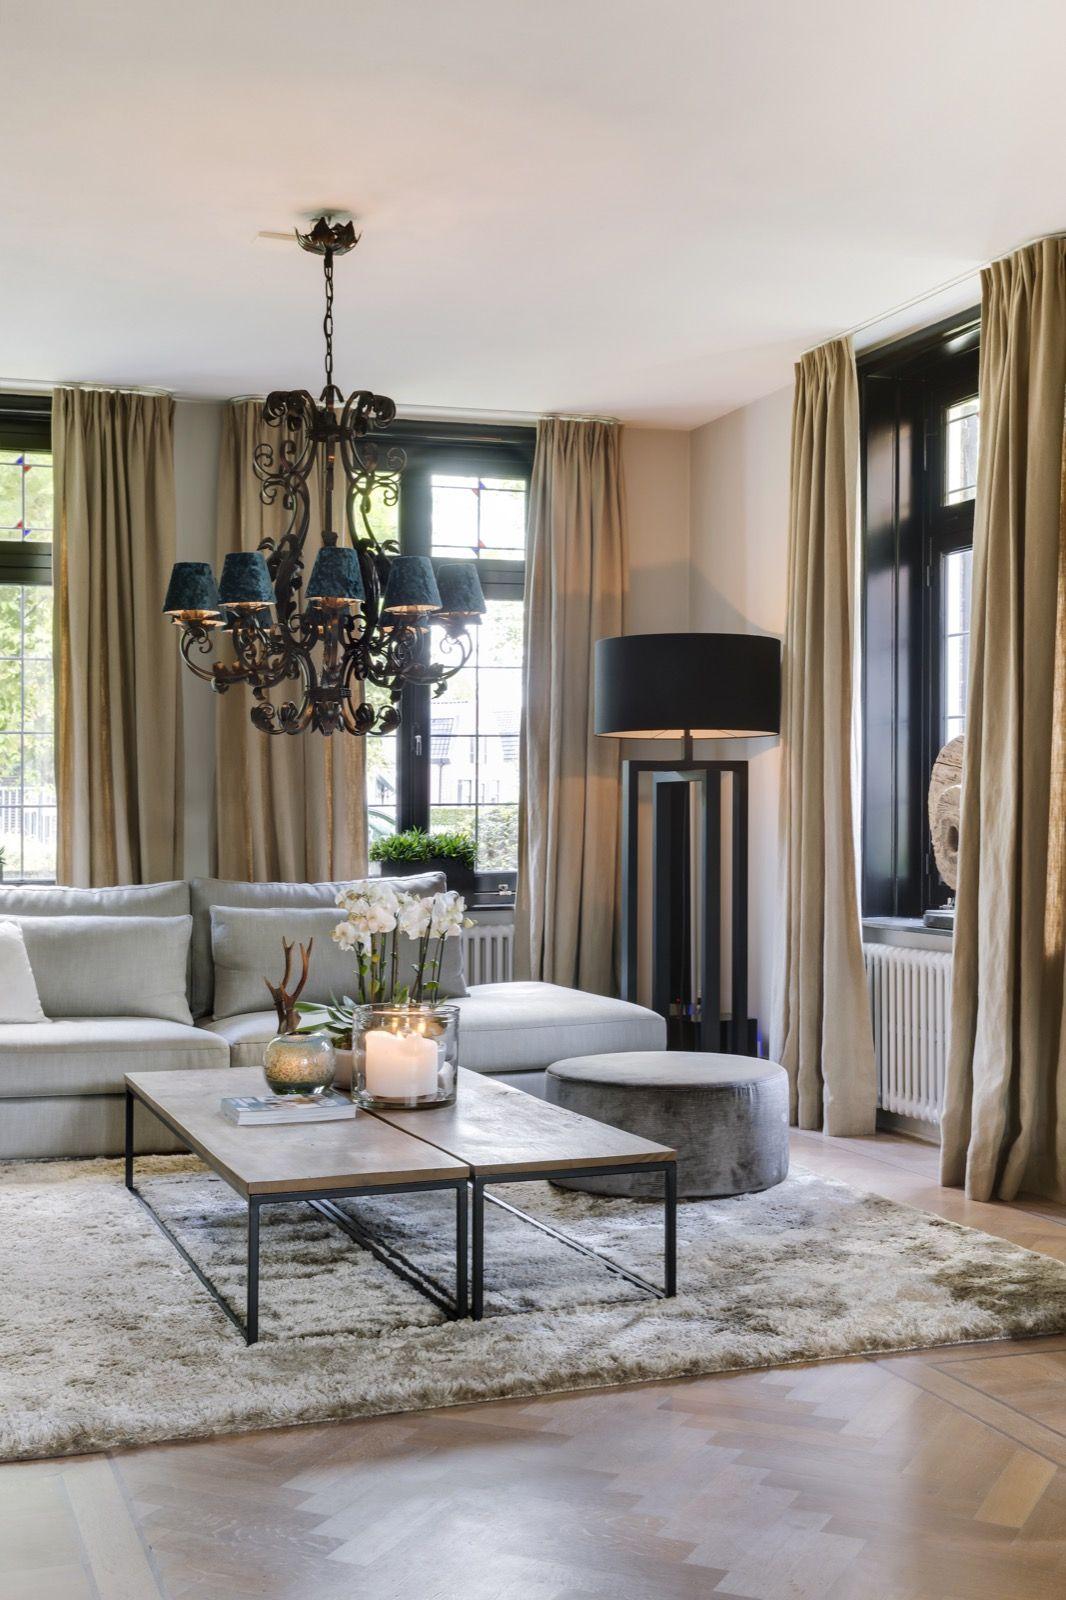 Pin van nina scott op rooms | Pinterest - Interieurs, Tuin en Inspiratie